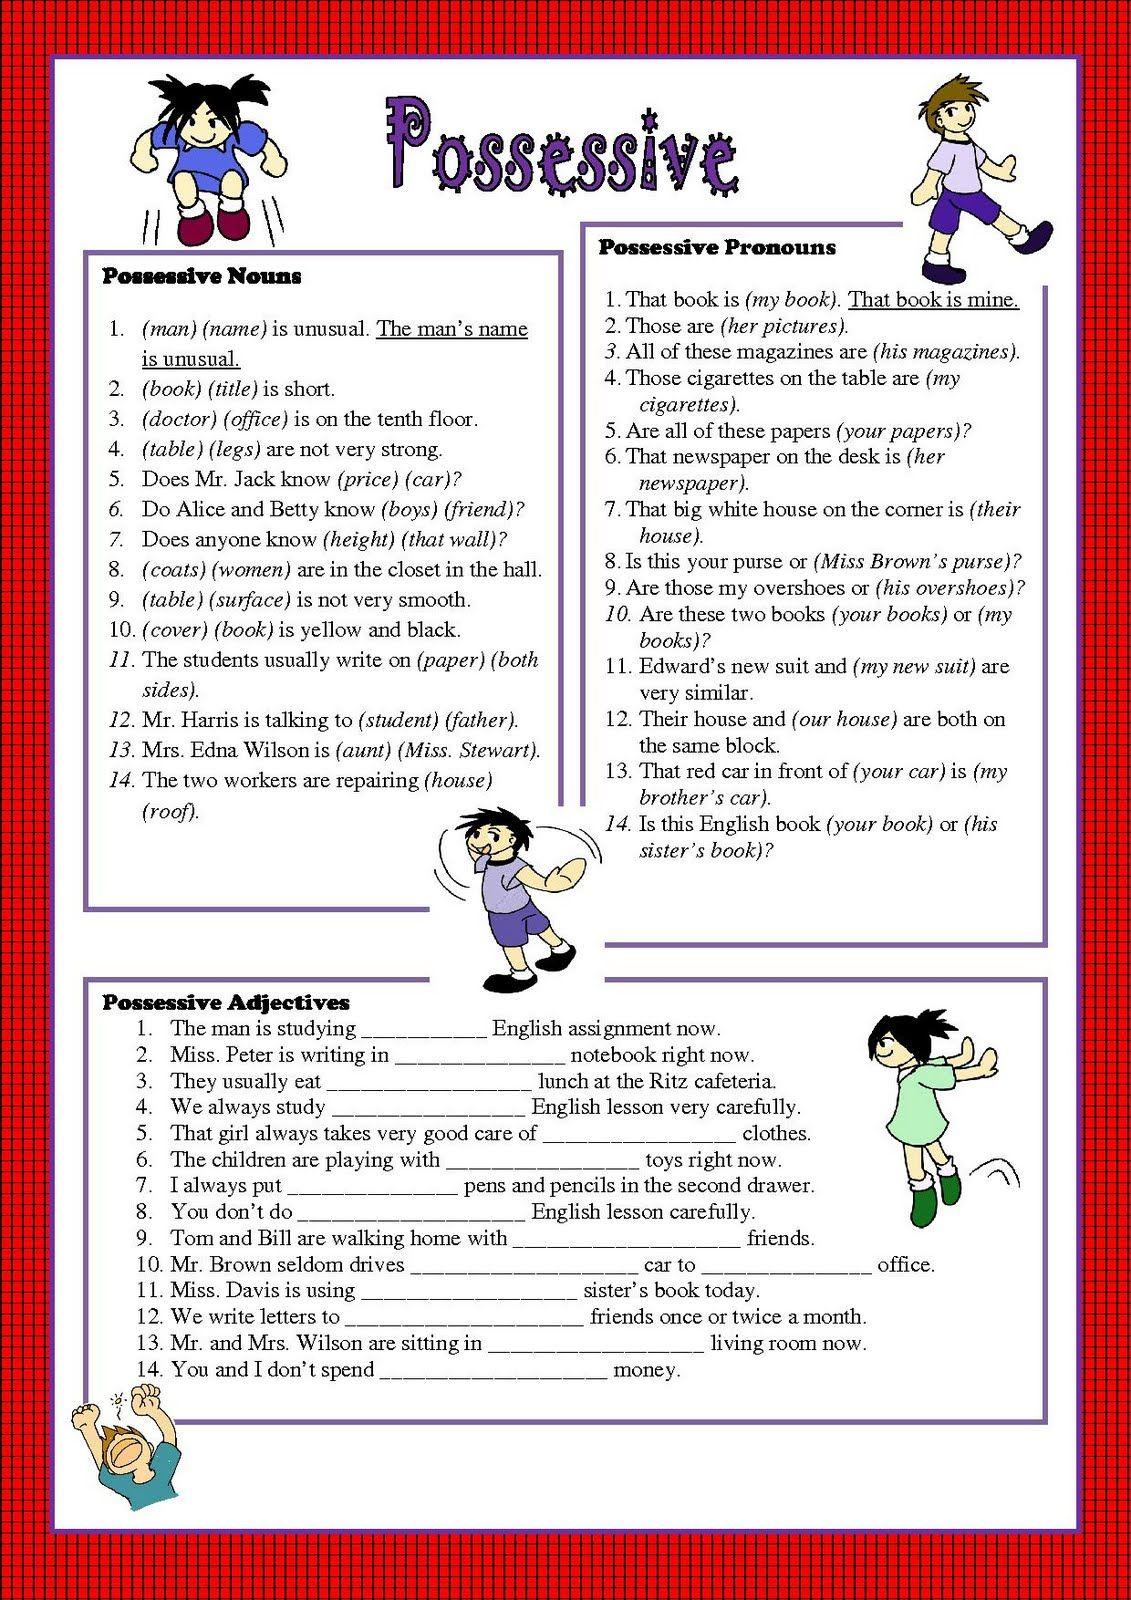 Possessive Pronouns Worksheet